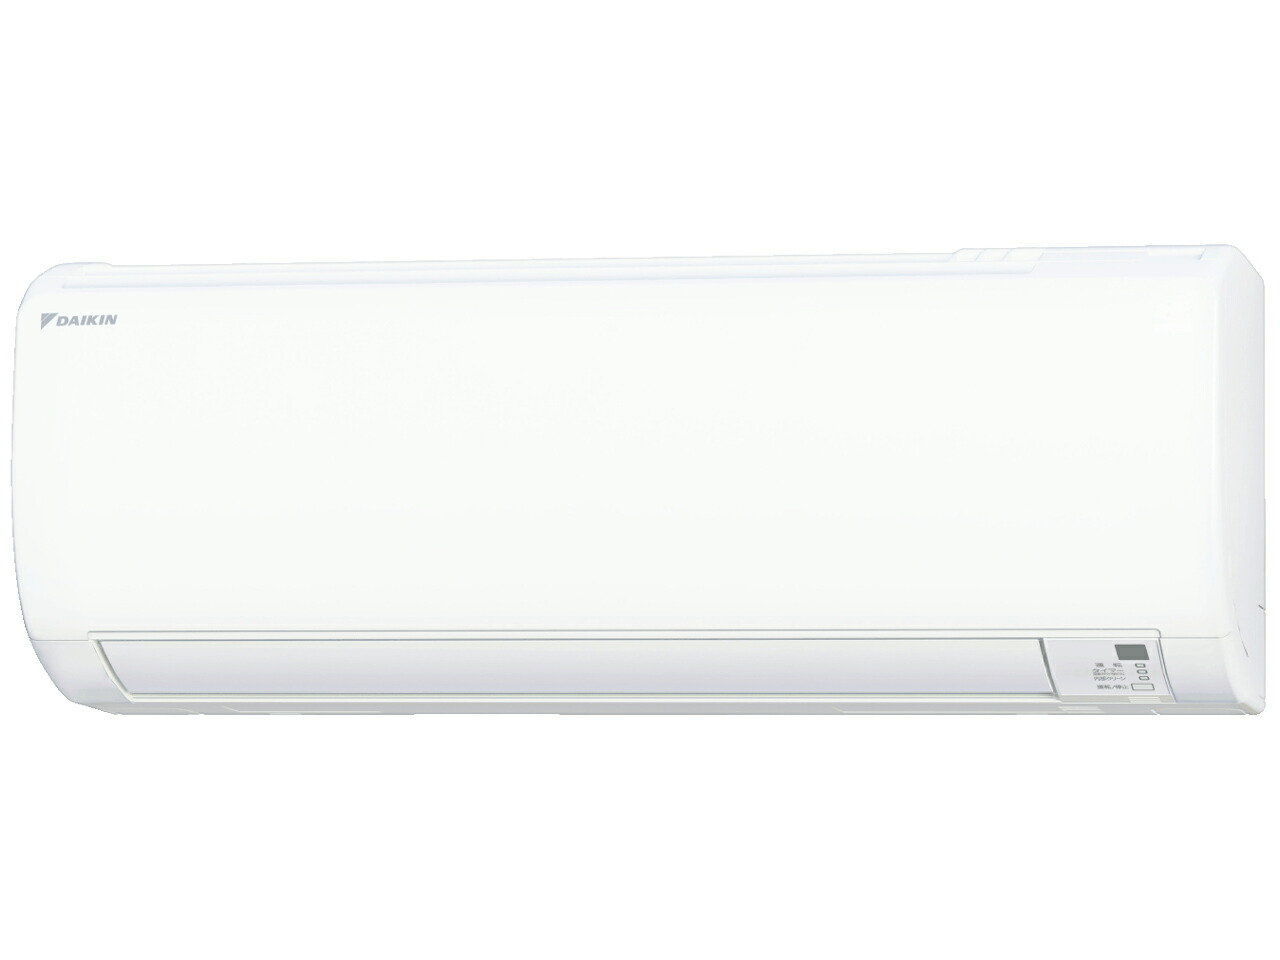 ルームエアコン  ダイキン(DAIKIN) ルームエアコン 【S28VTES】CXシリーズ 10畳程度